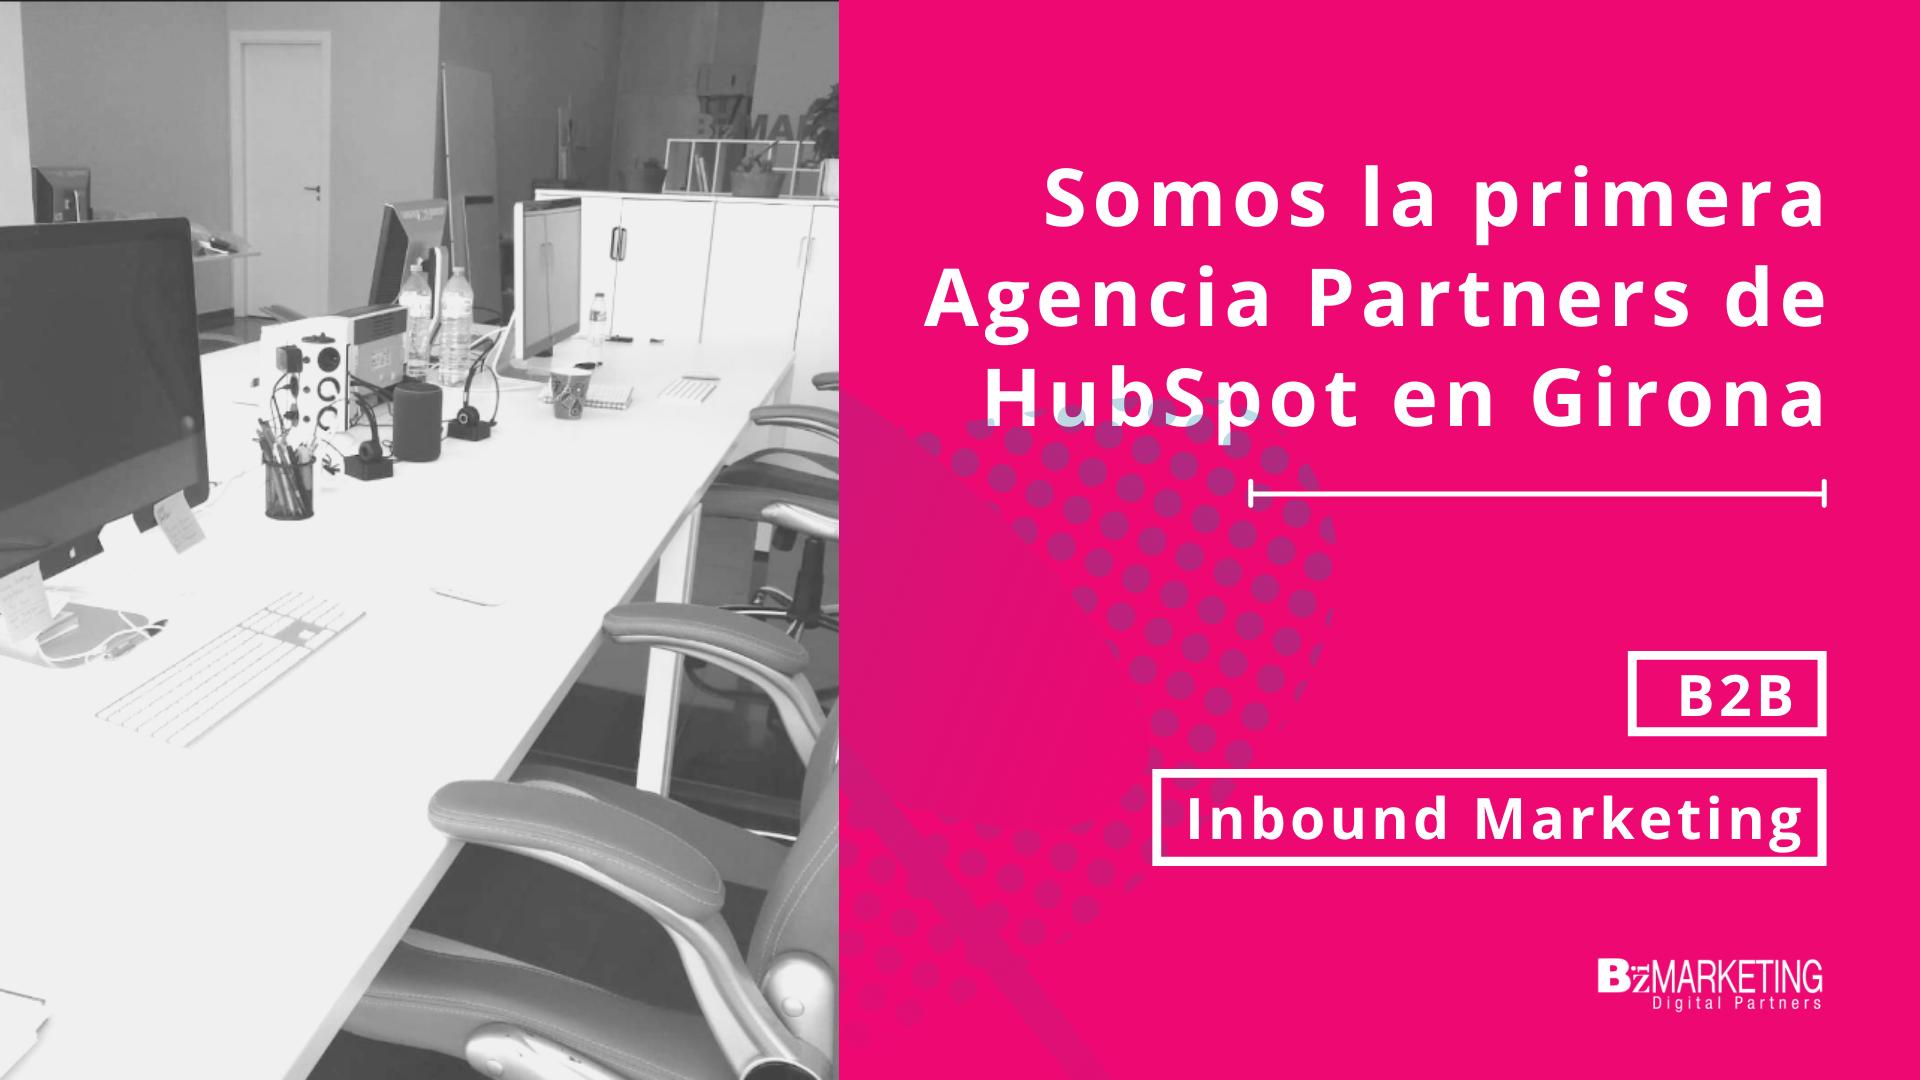 Somos la primera Agencia de HubSpot en Girona BizMarketing Inbound Marketing